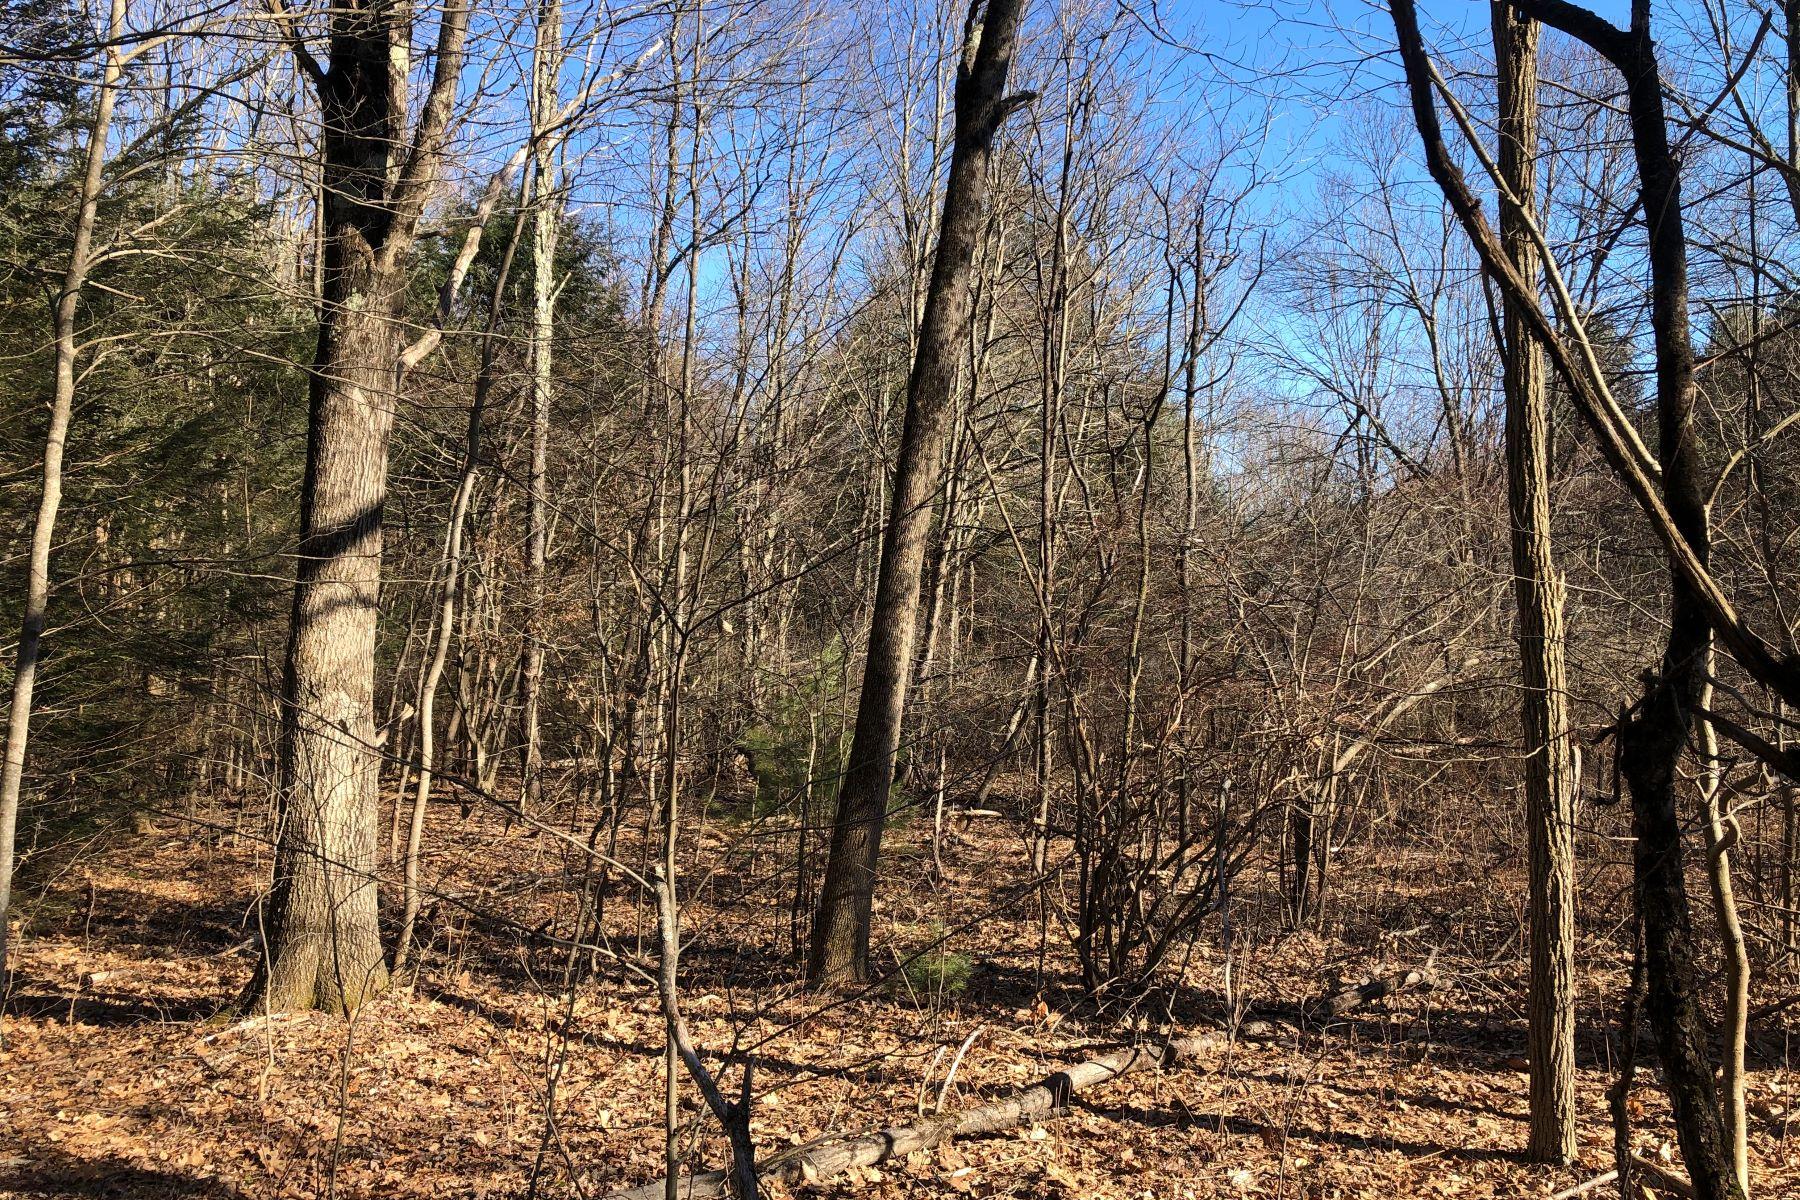 أراضي للـ Sale في 22 acres which offers an old cabin site 1187 Litchfield Road, Norfolk, Connecticut 06058 United States